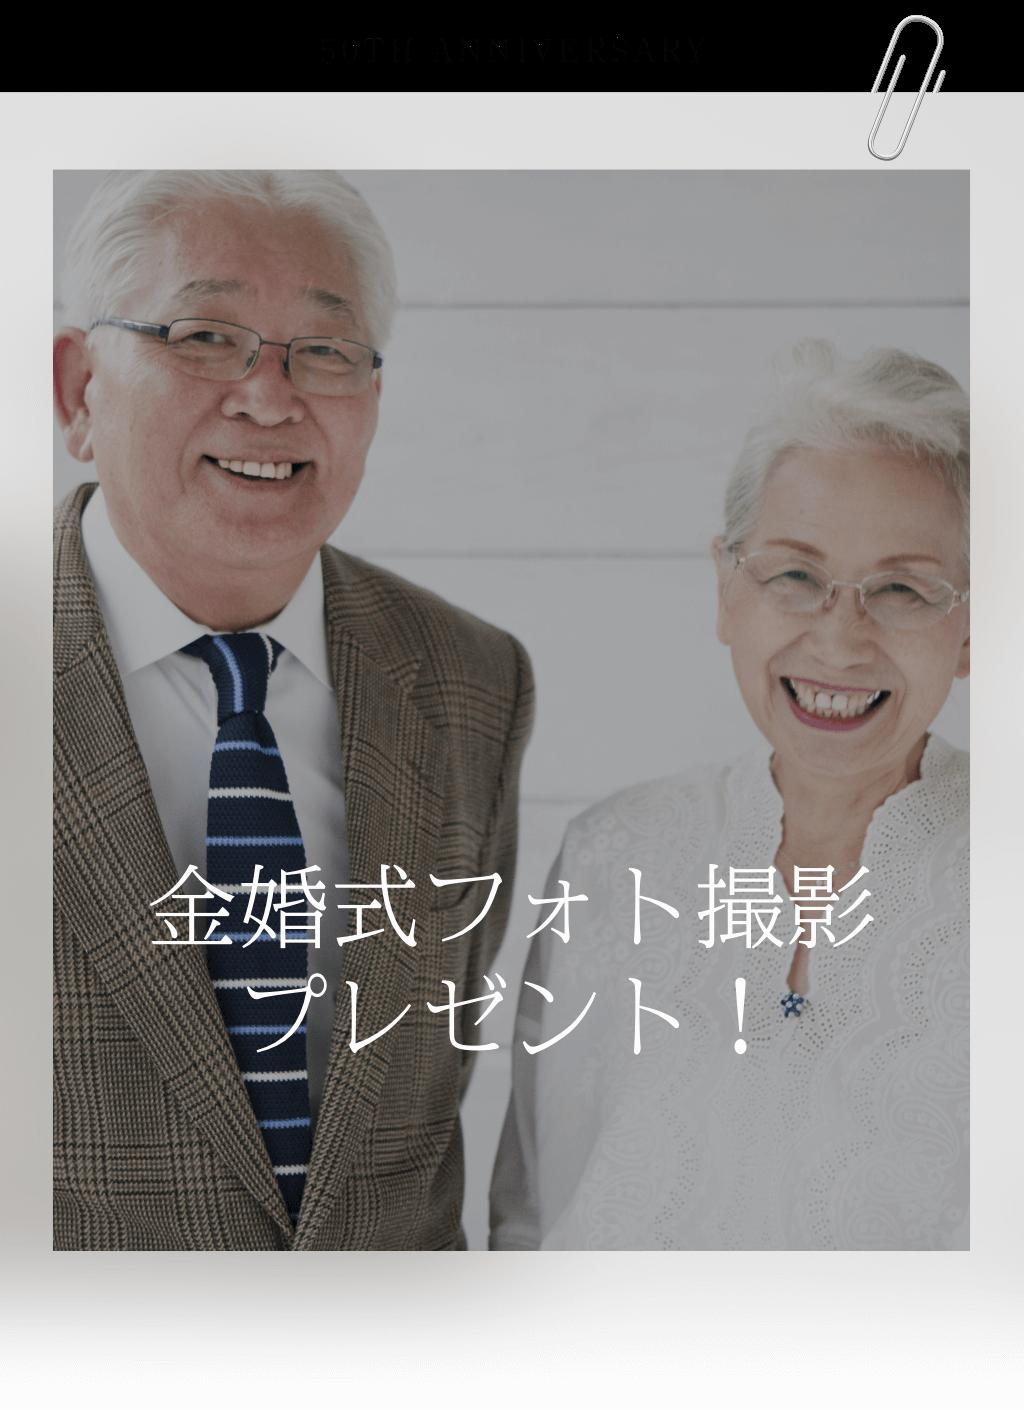 KIKKI(キッキ)グリーンリゾートウェディング結婚式プレゼント